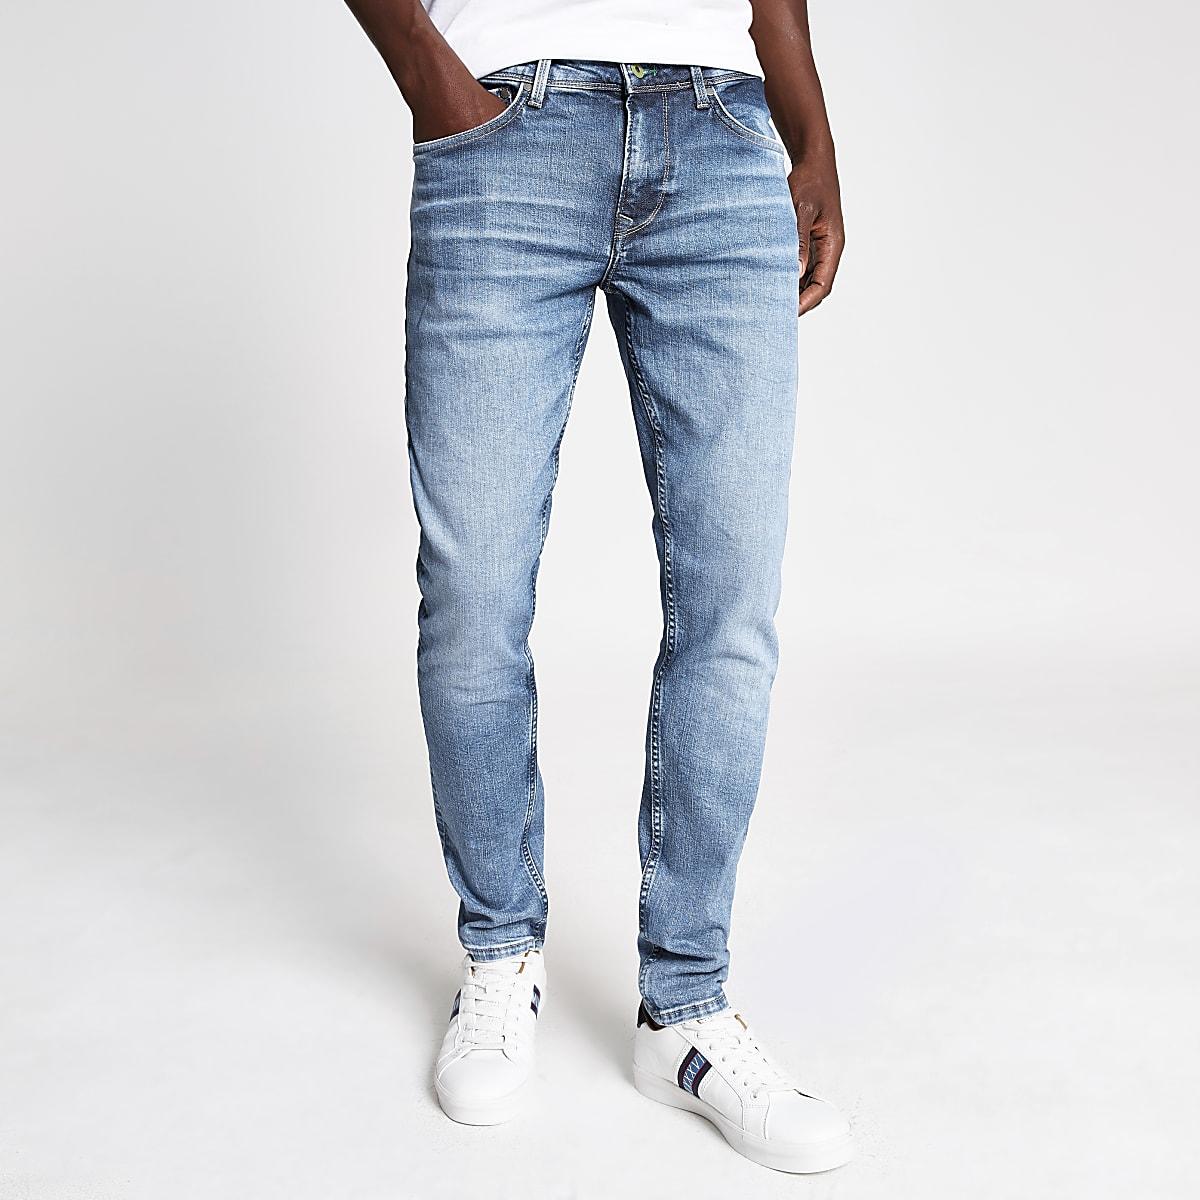 Pepe Jeans – Hellblaue Skinny Jeans